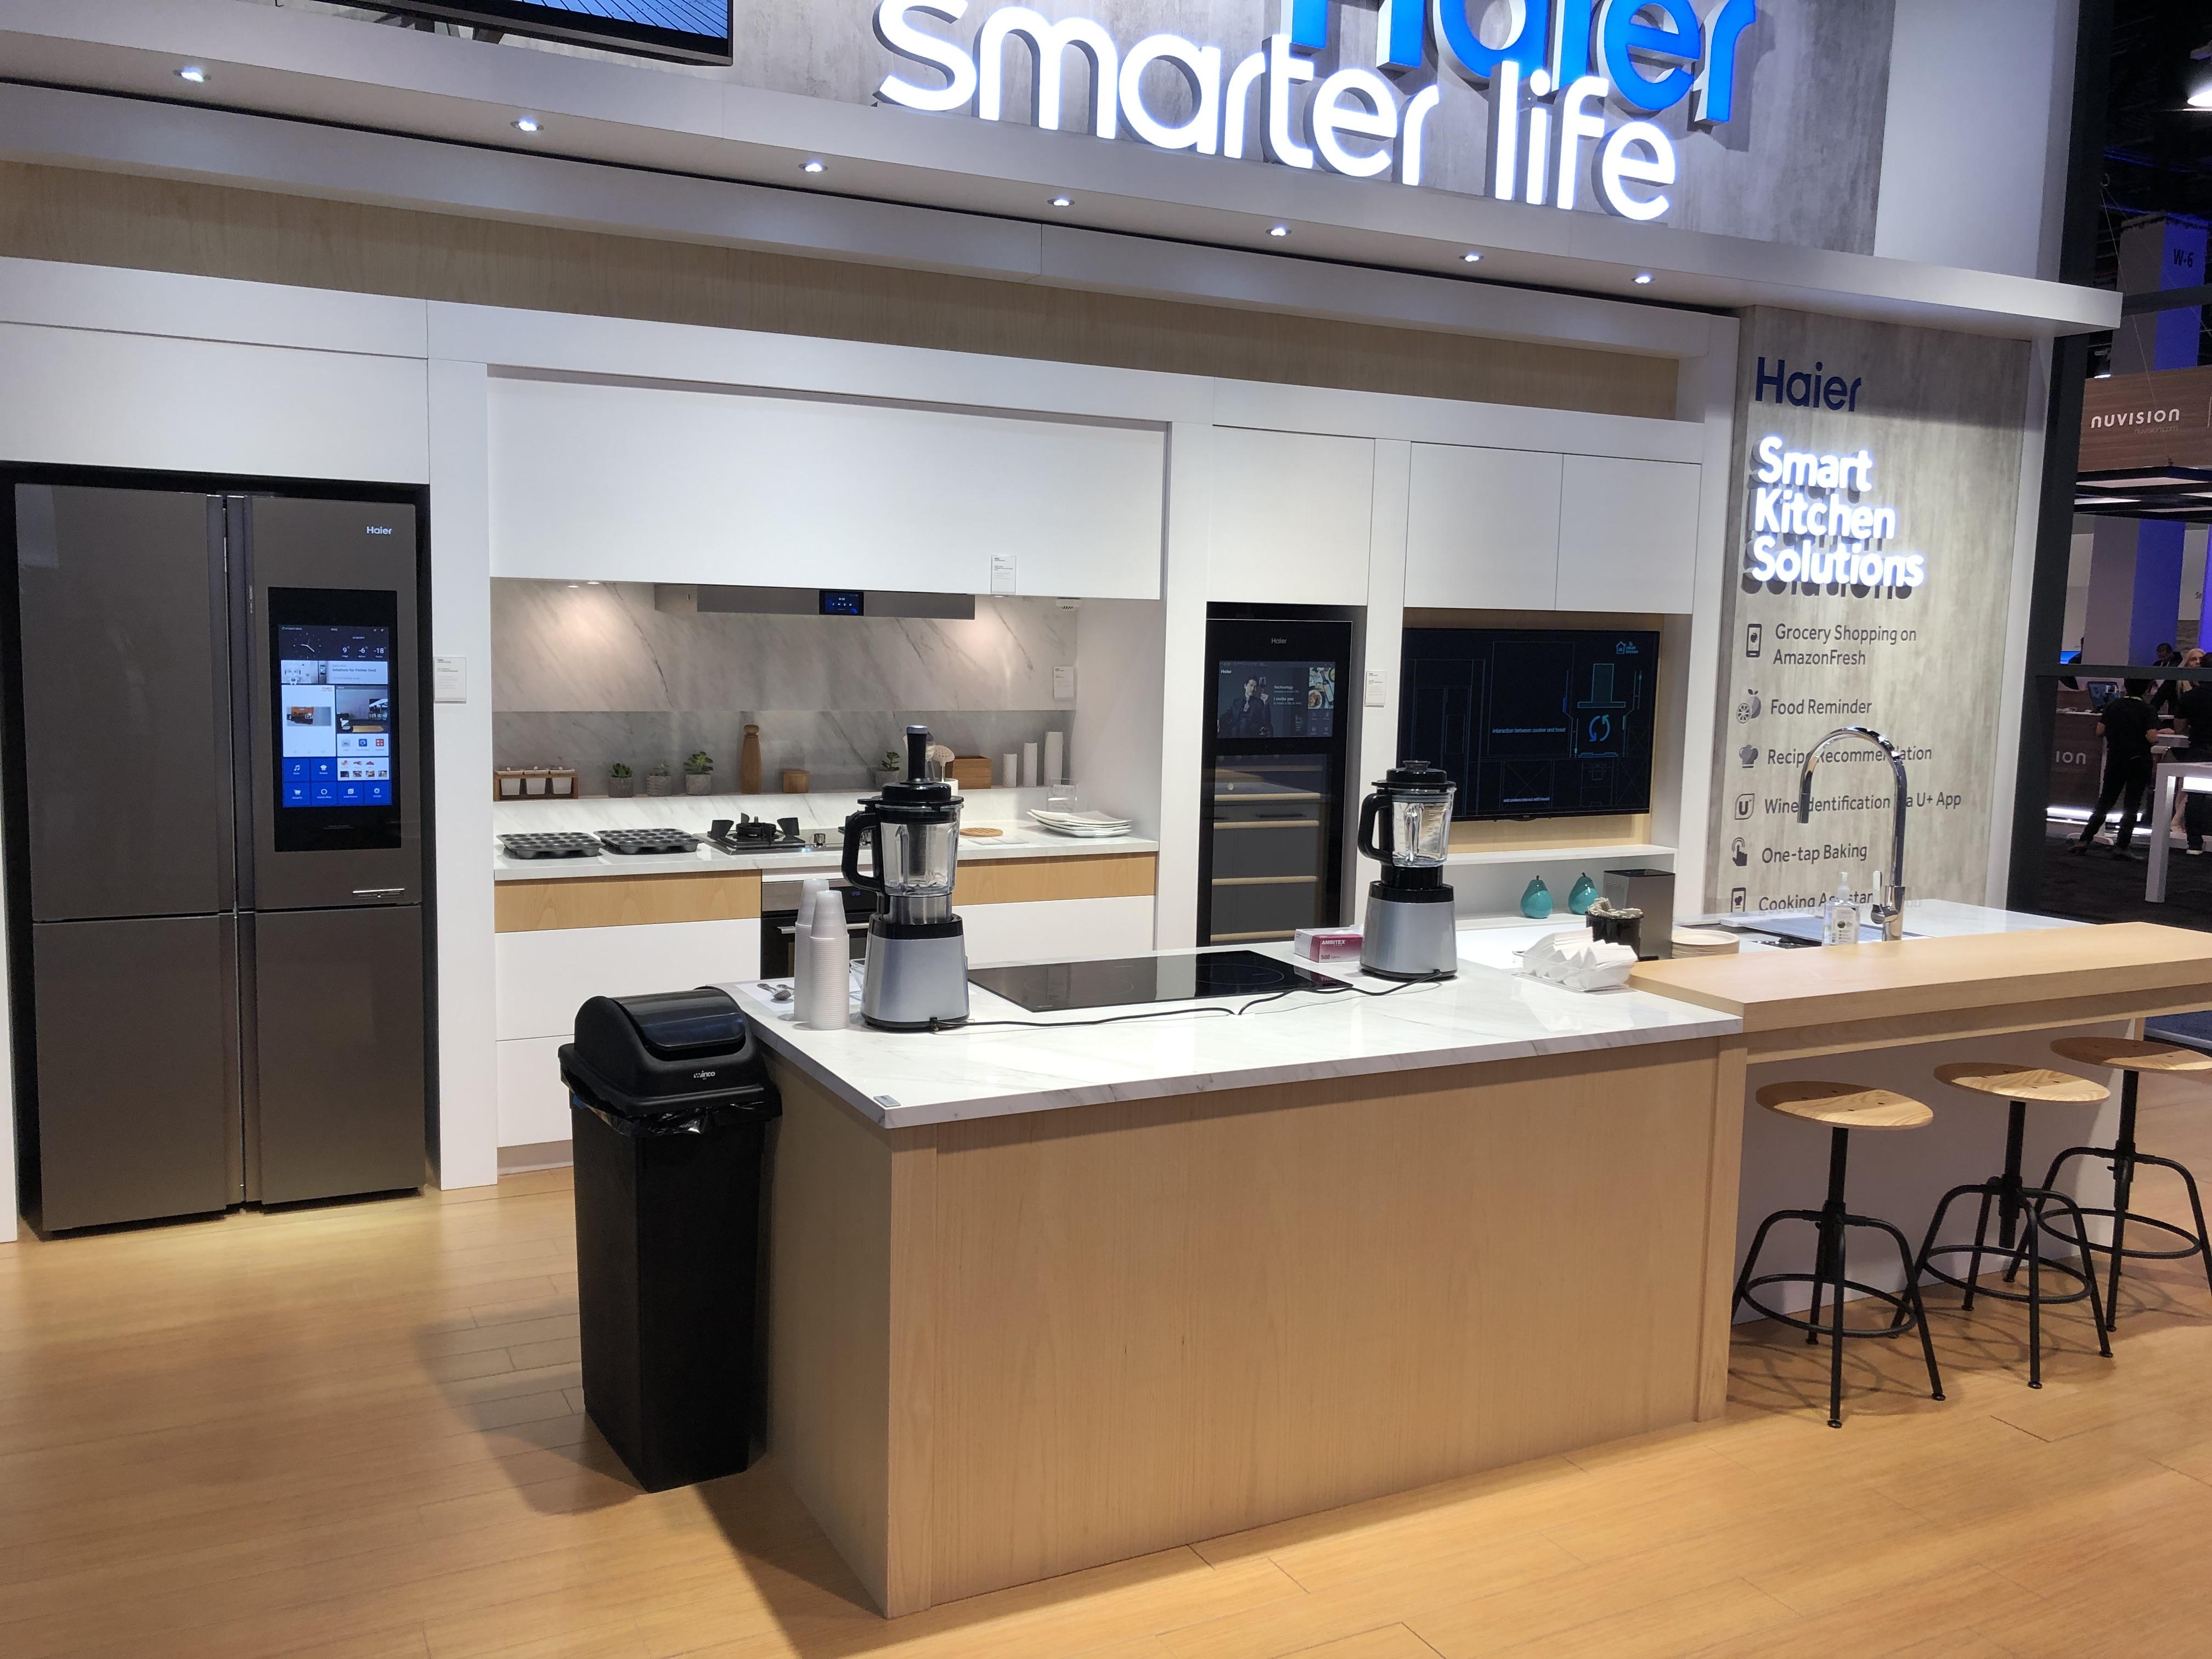 Mckb Design S Haier Appliances Kitchen Displays At Ces Las